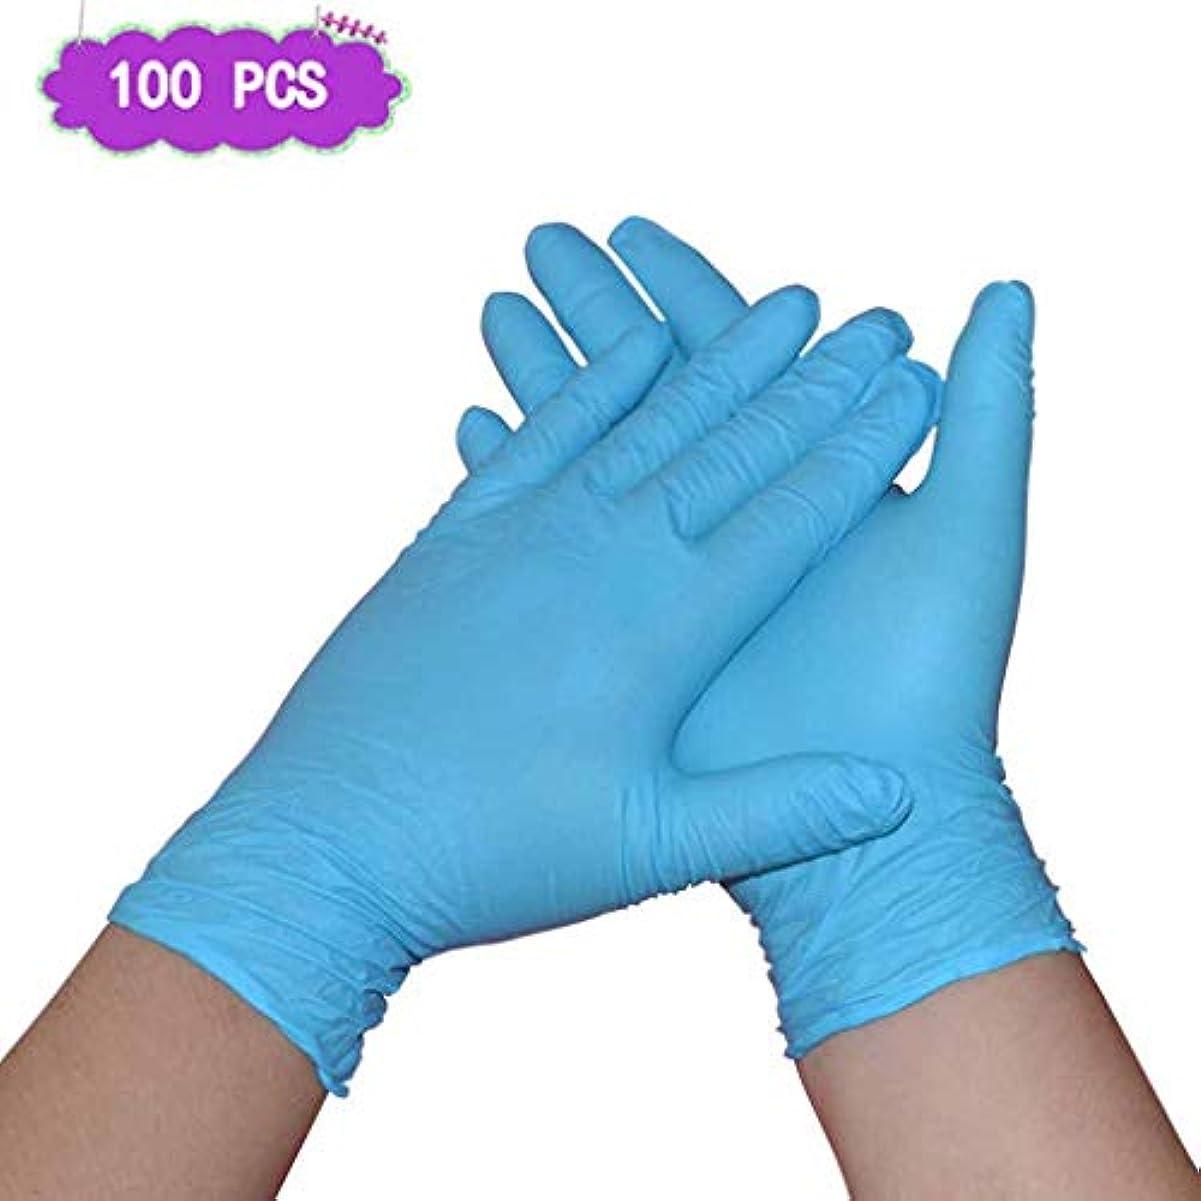 資本主義小さな許容ニトリル手袋9インチ厚い青いラテックスゴム家事美防水酸とアルカリの義務試験手袋|病院、法執行機関向けのプロフェッショナルグレード (Size : L)